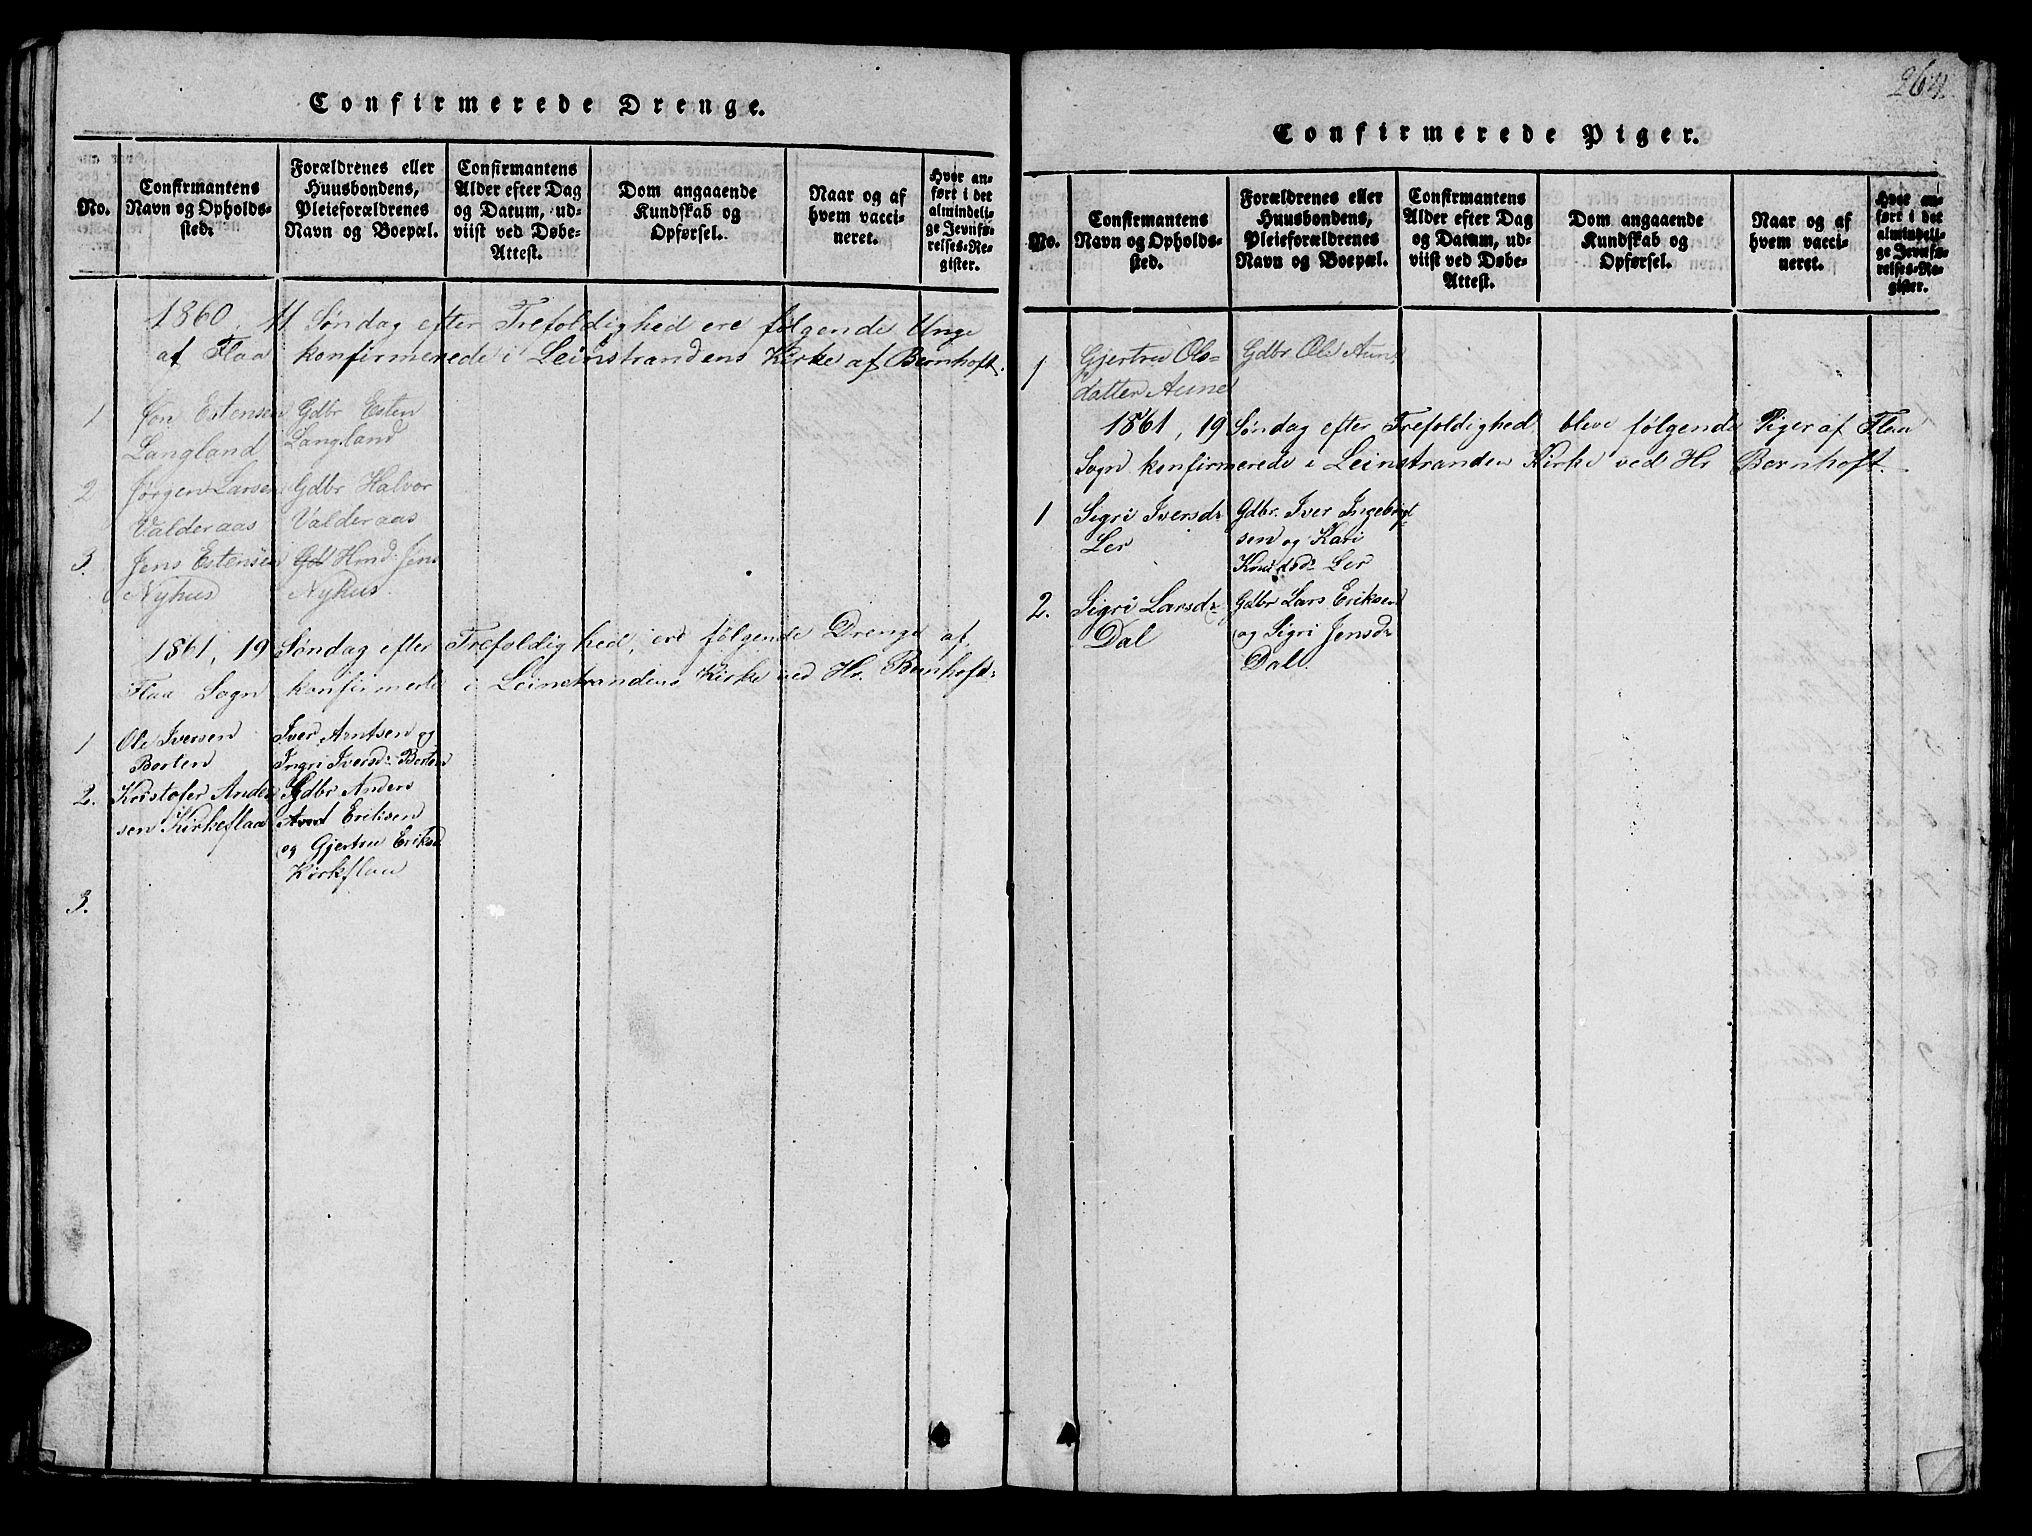 SAT, Ministerialprotokoller, klokkerbøker og fødselsregistre - Sør-Trøndelag, 693/L1121: Klokkerbok nr. 693C02, 1816-1869, s. 264